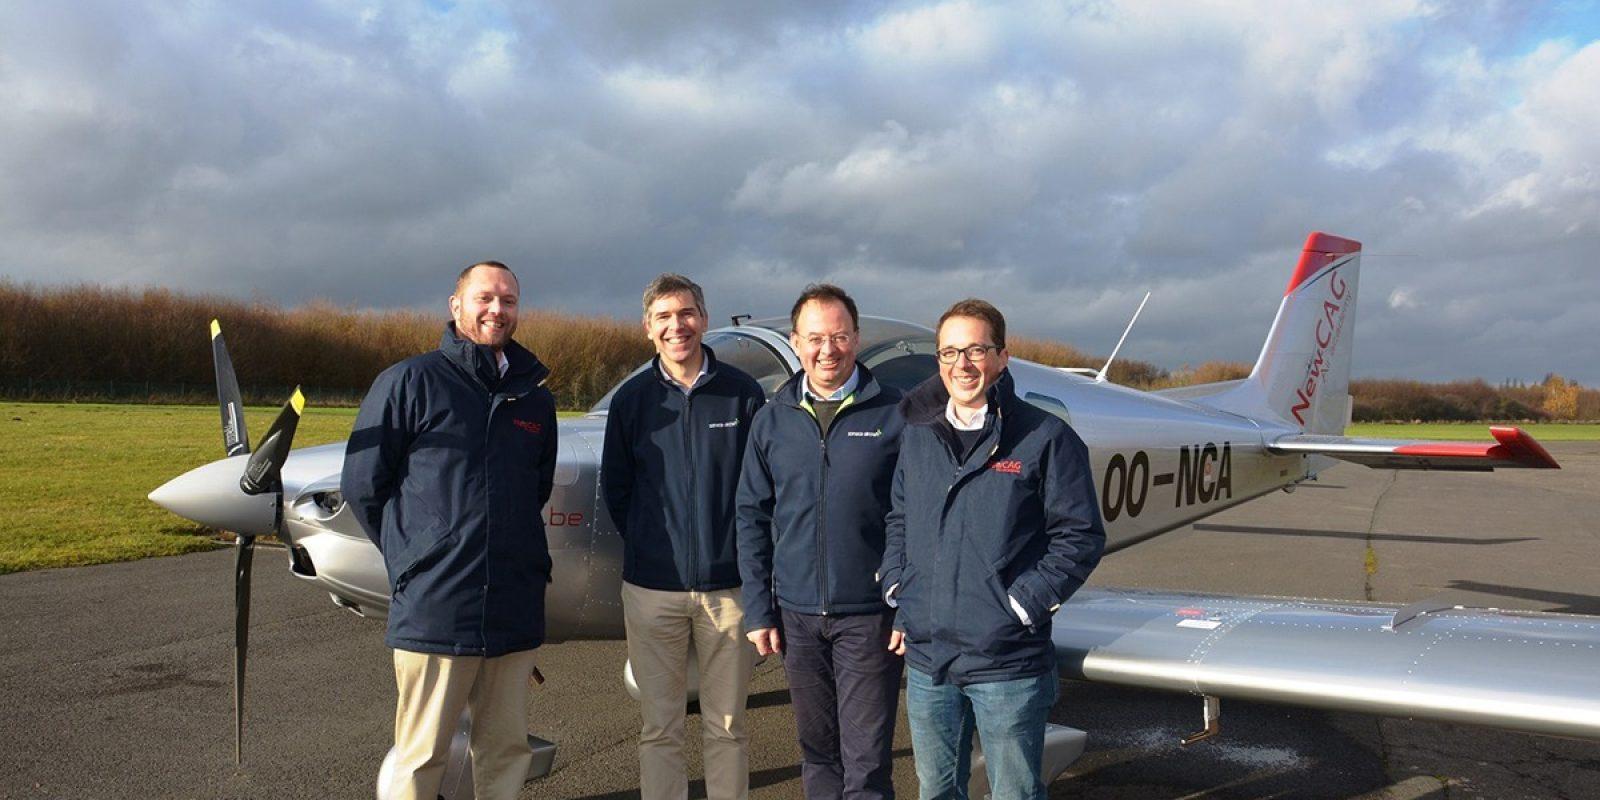 La première livraison: de gauche à droite Denis Petitfrere (CEO New CAG), Harold van der Straten (CEO Sonaca Aircraft), Pierre Van Wetter (Sonaca Aircraft) et Arnaud Libeau (New CAG). (Photo Sonaca Aircraft)